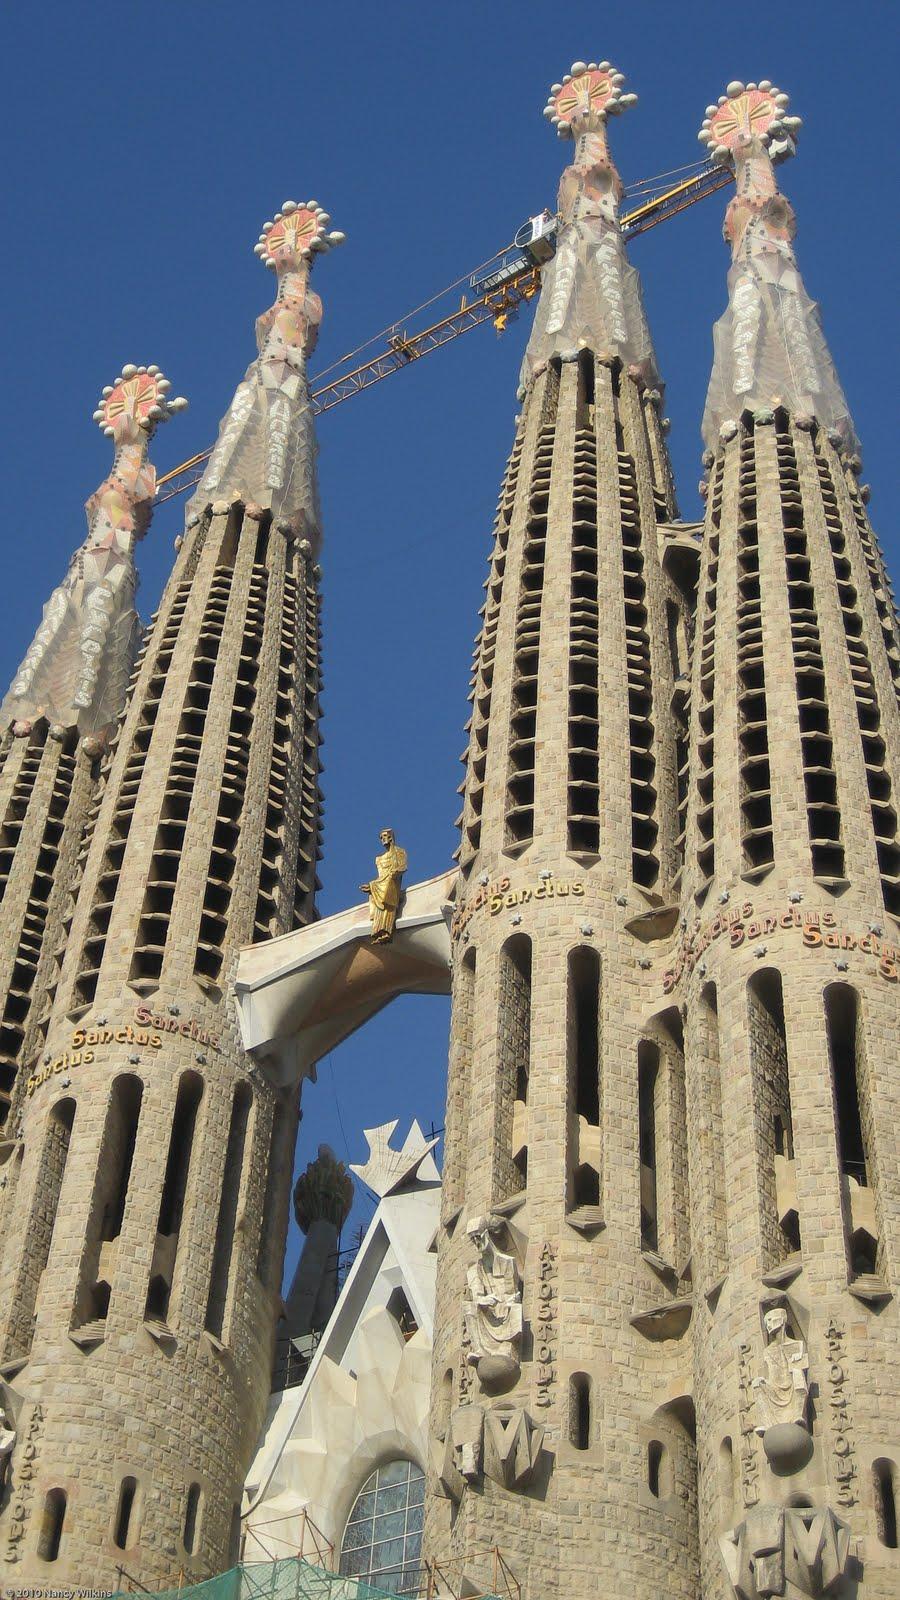 Sagrada Familia: Dream It. Discover It.: Barcelona